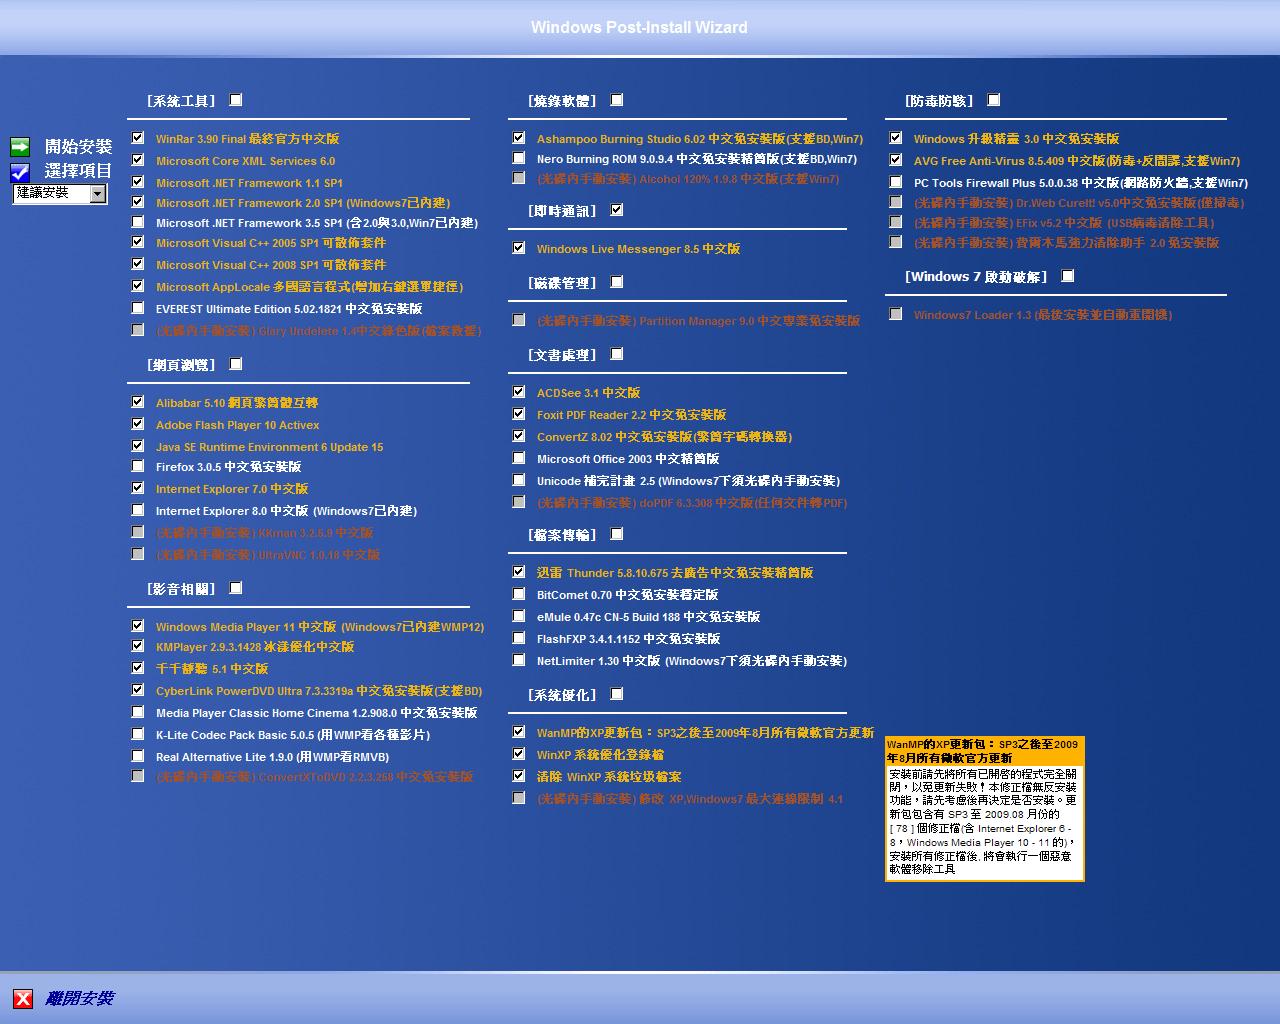 整合光碟 Win7XP v2.1=Windows 7+WinXP SP3+40套軟體自動安裝選單+NoName XPE - 電腦軟件分享 - HKCC 電玩動漫 - Powered ...